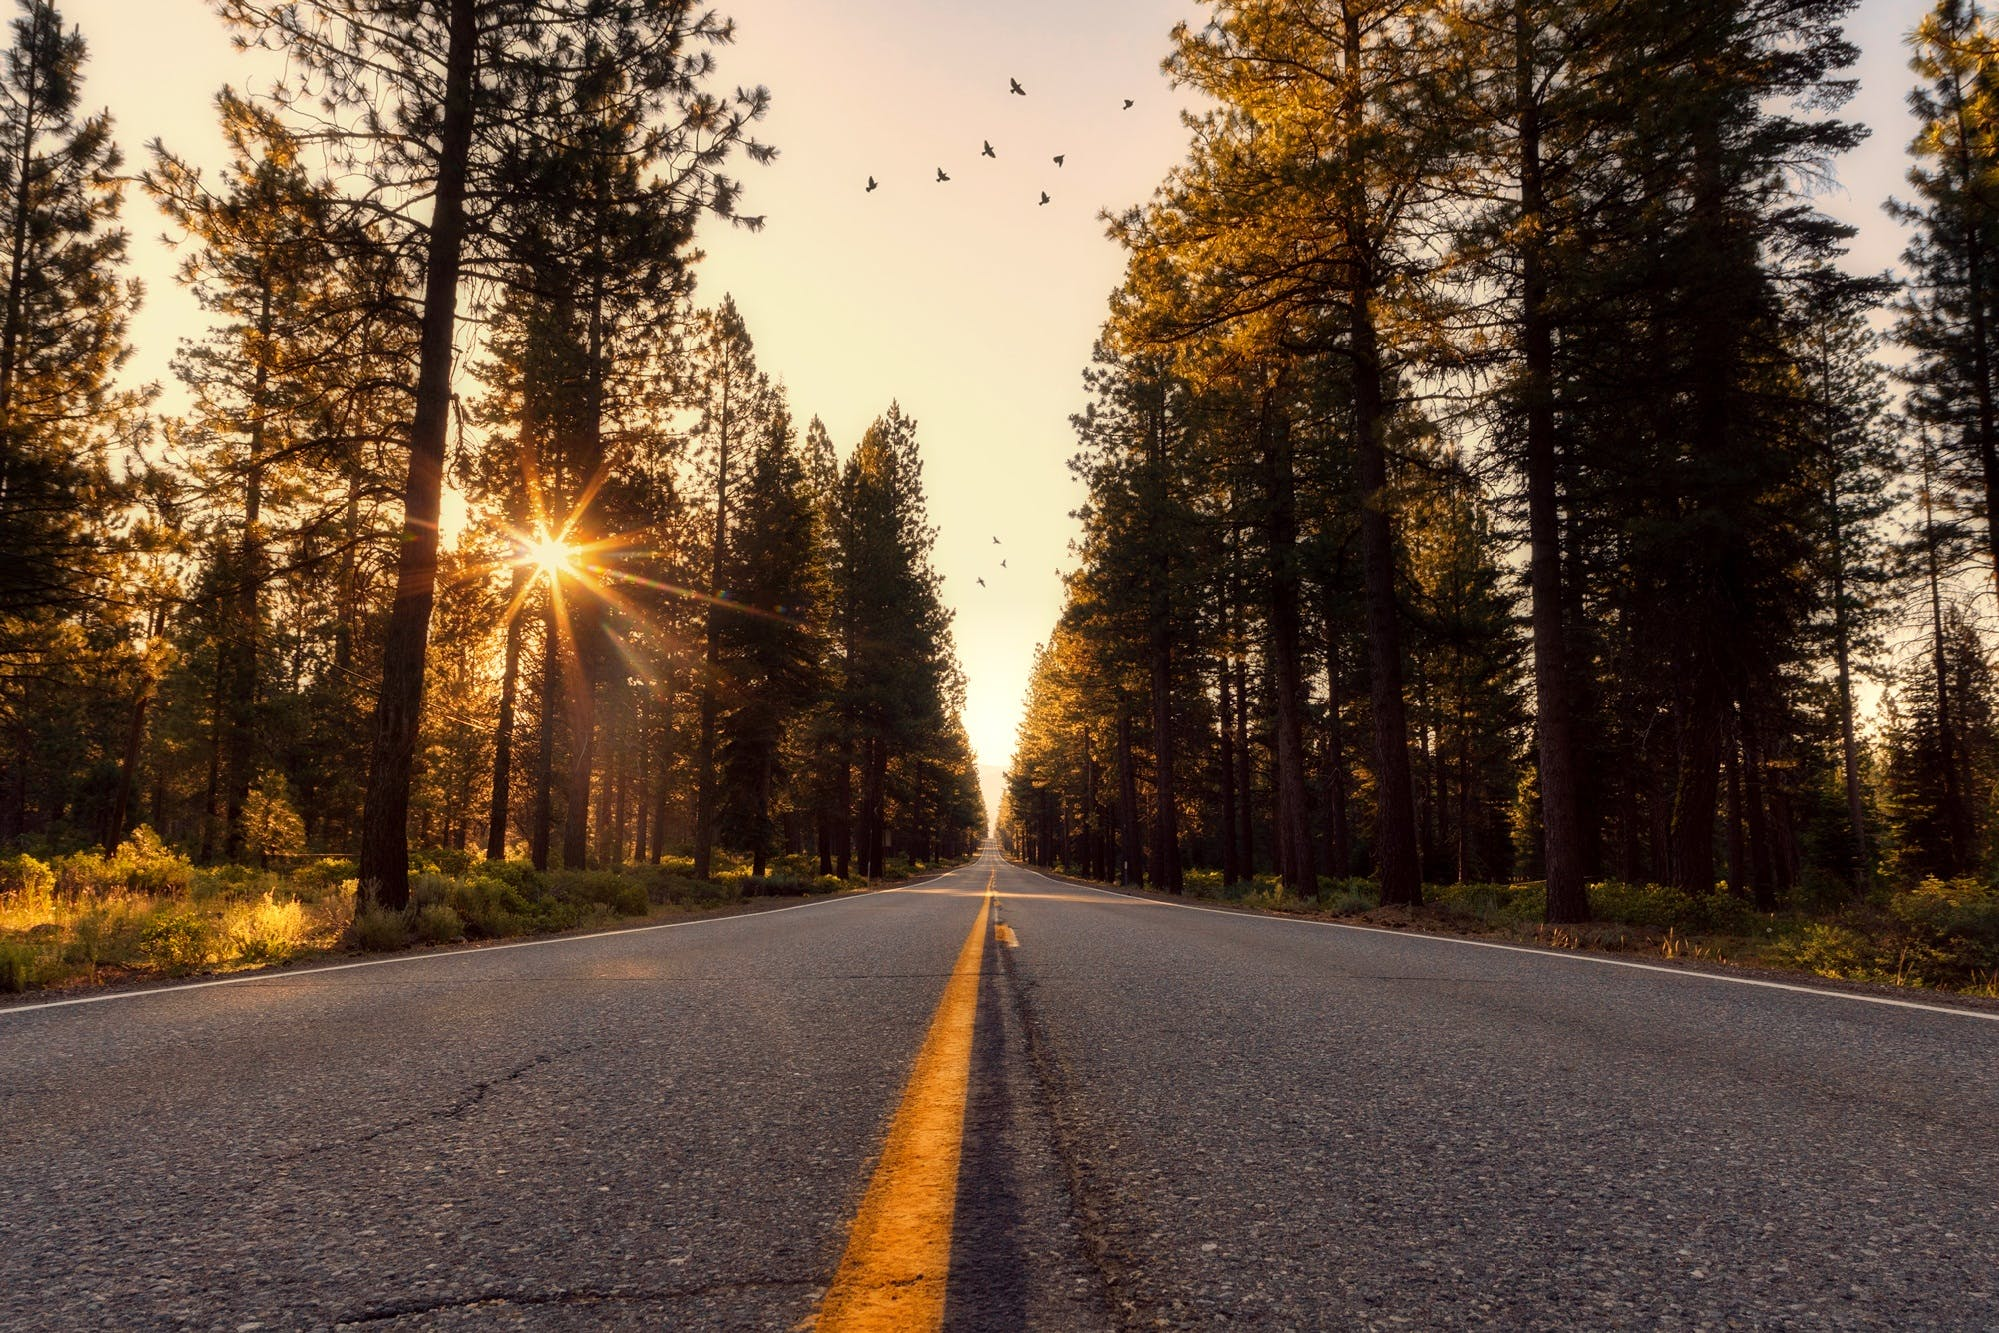 Gratis stockfoto met asfalt, avontuur, begeleiding, bomen